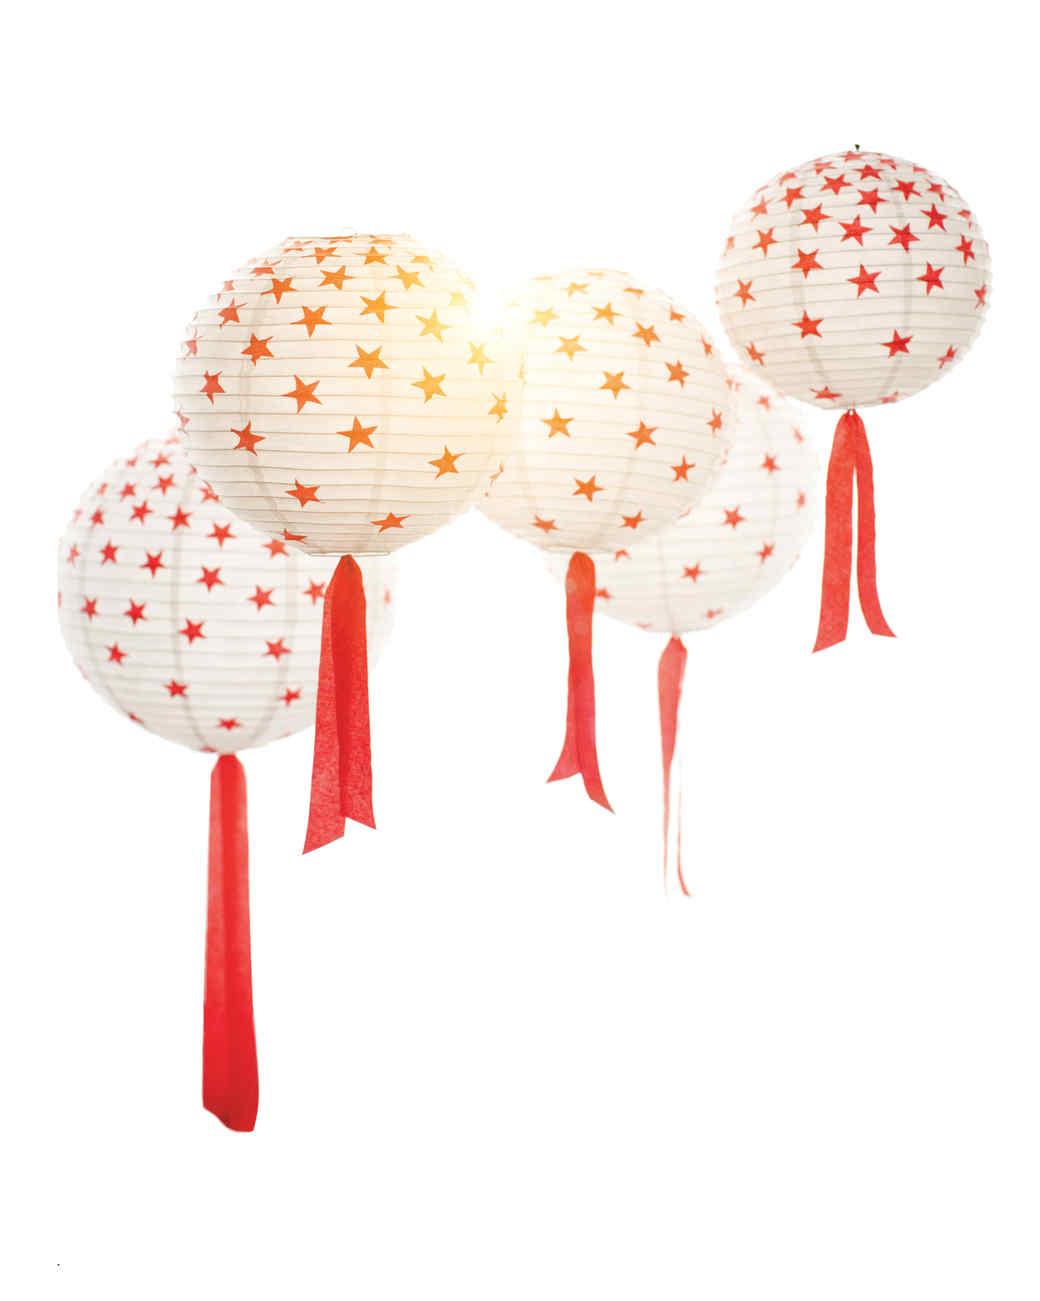 lanterns-125-mld108592.jpg